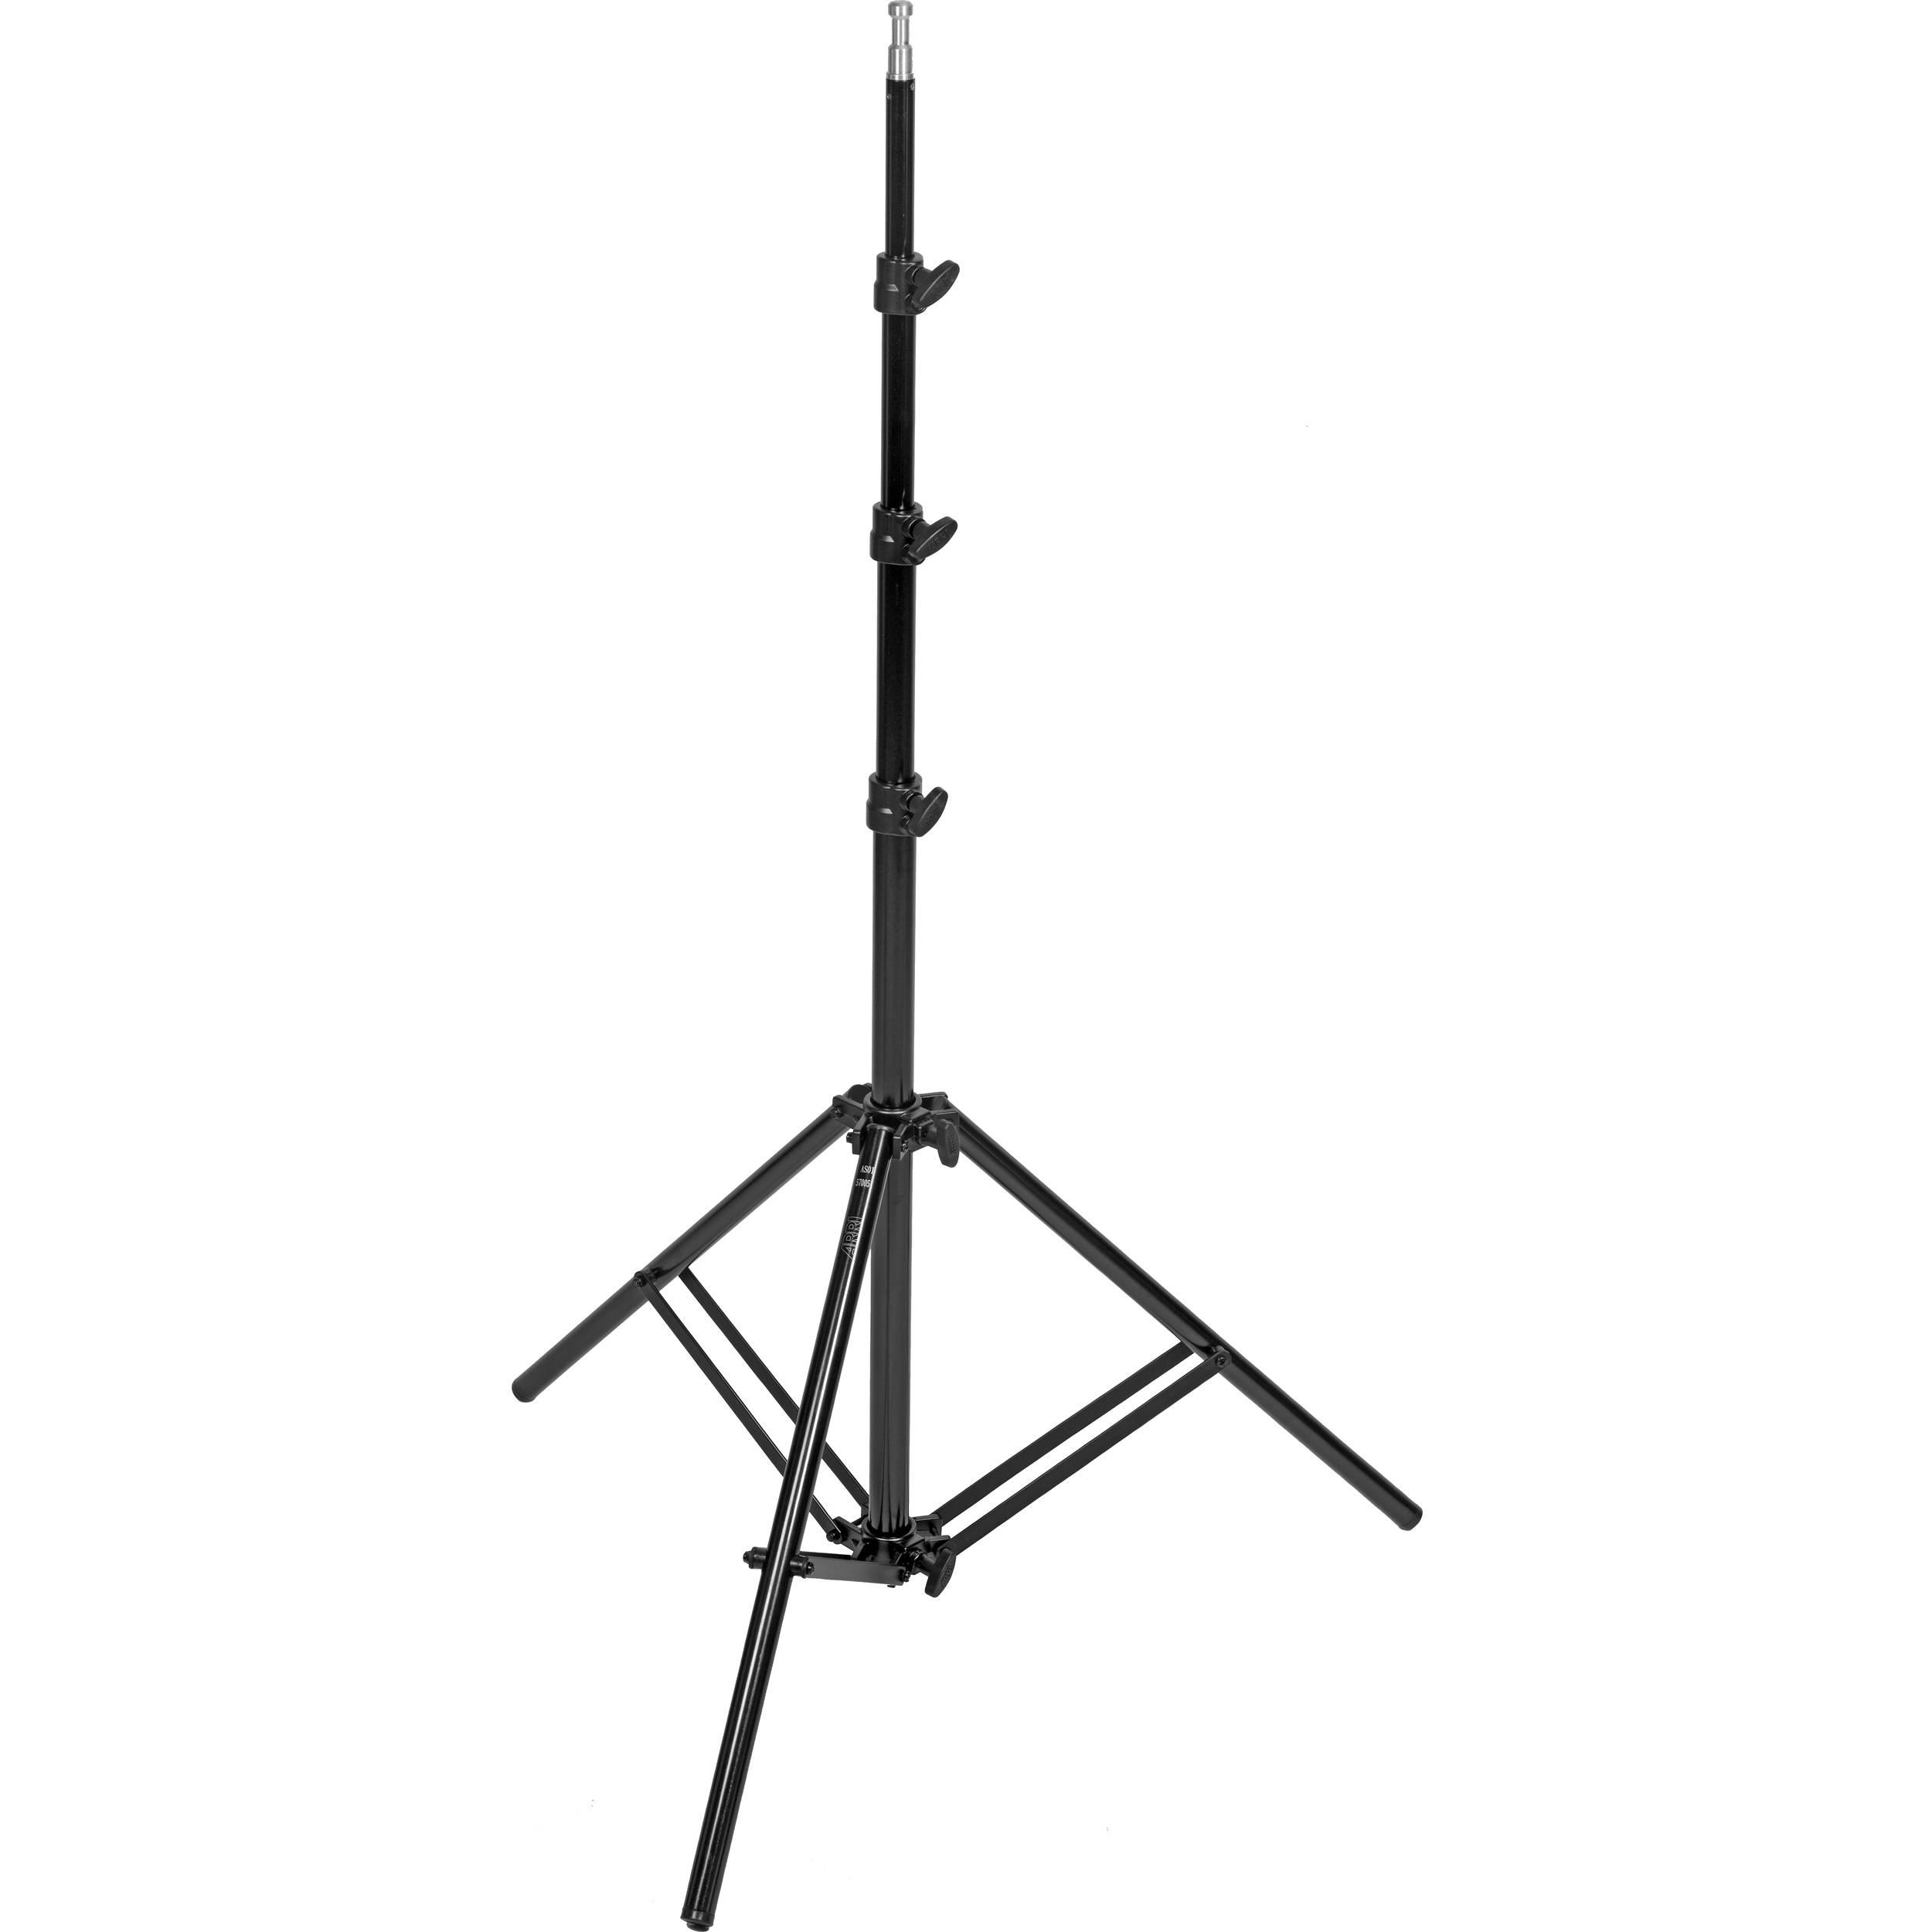 ARRI AS-01 Lightweight Light Stand 8.5' L2.0005198 B&H Photo